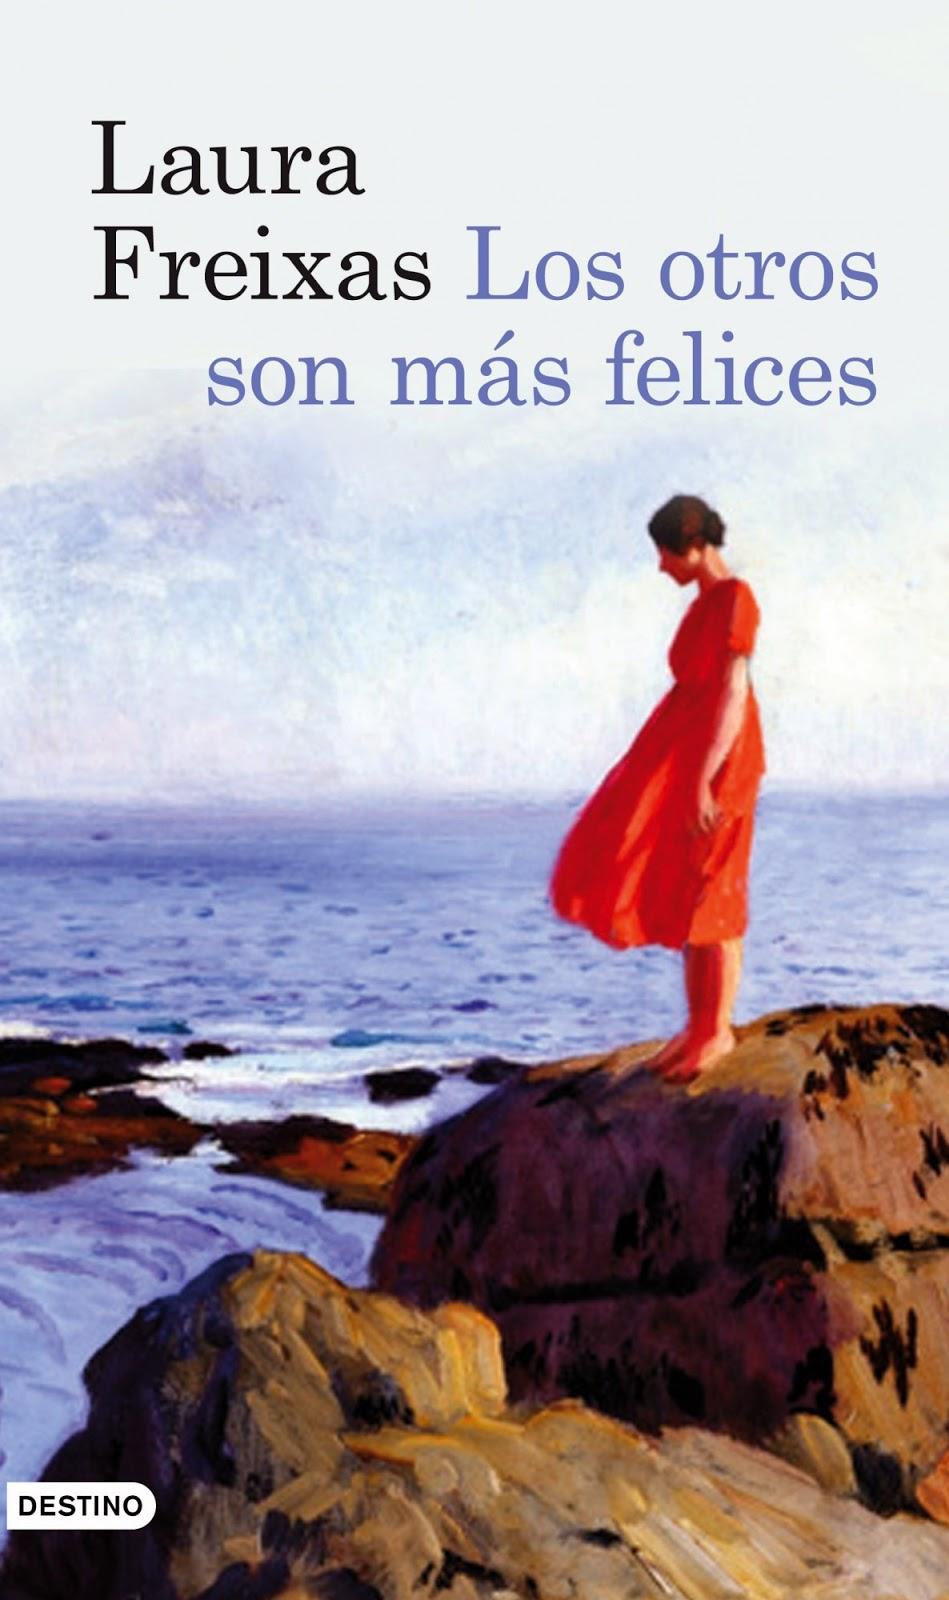 http://www.planetadelibros.com/los-otros-son-mas-felices-libro-53750.html